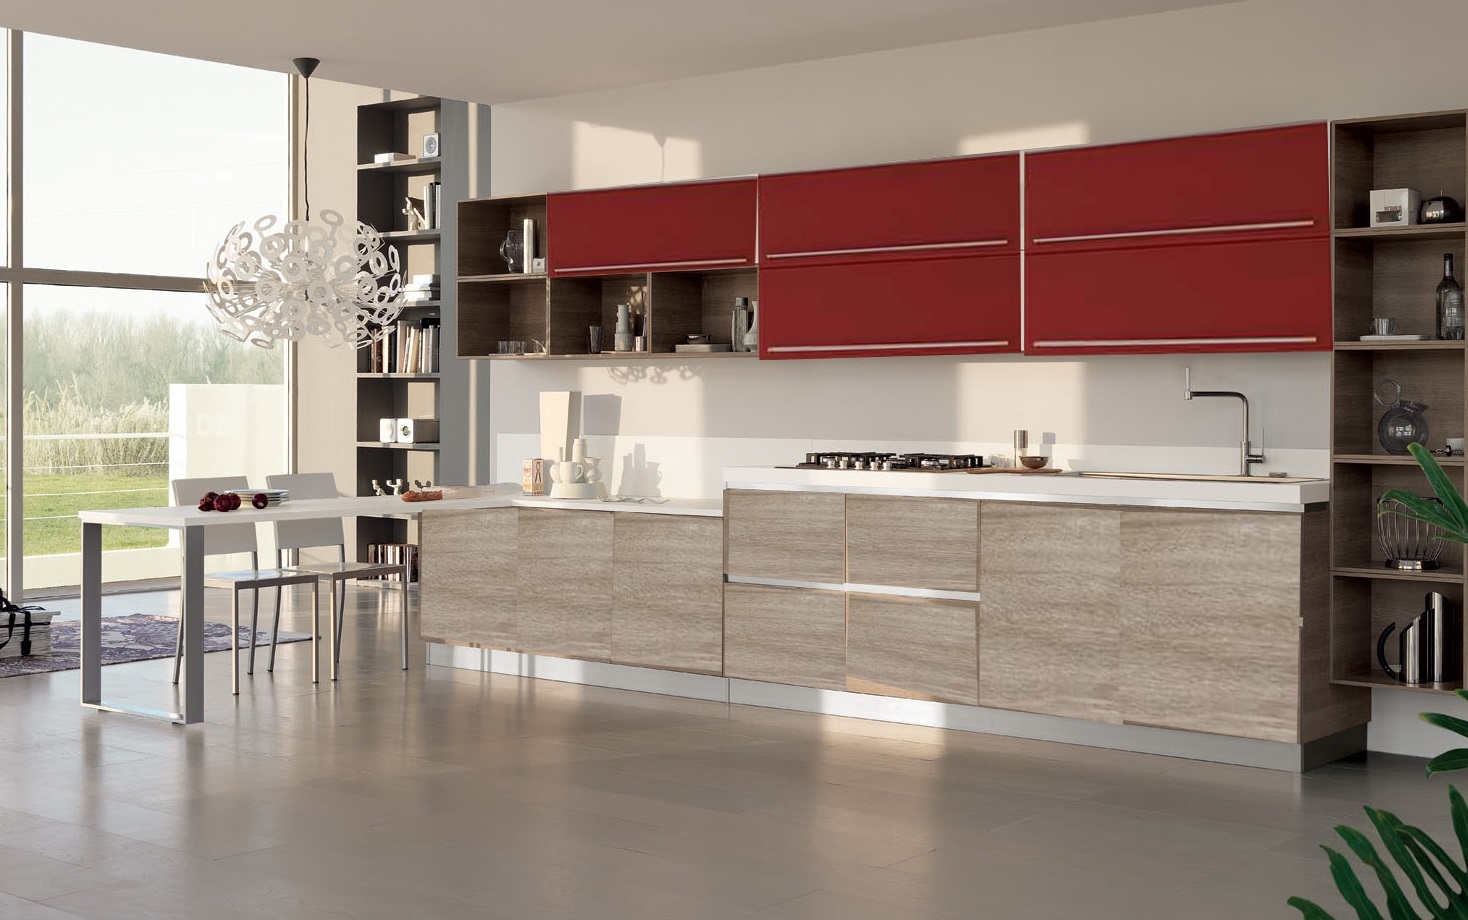 Awesome cucina bianca e rossa contemporary - Cucina rossa e bianca ...